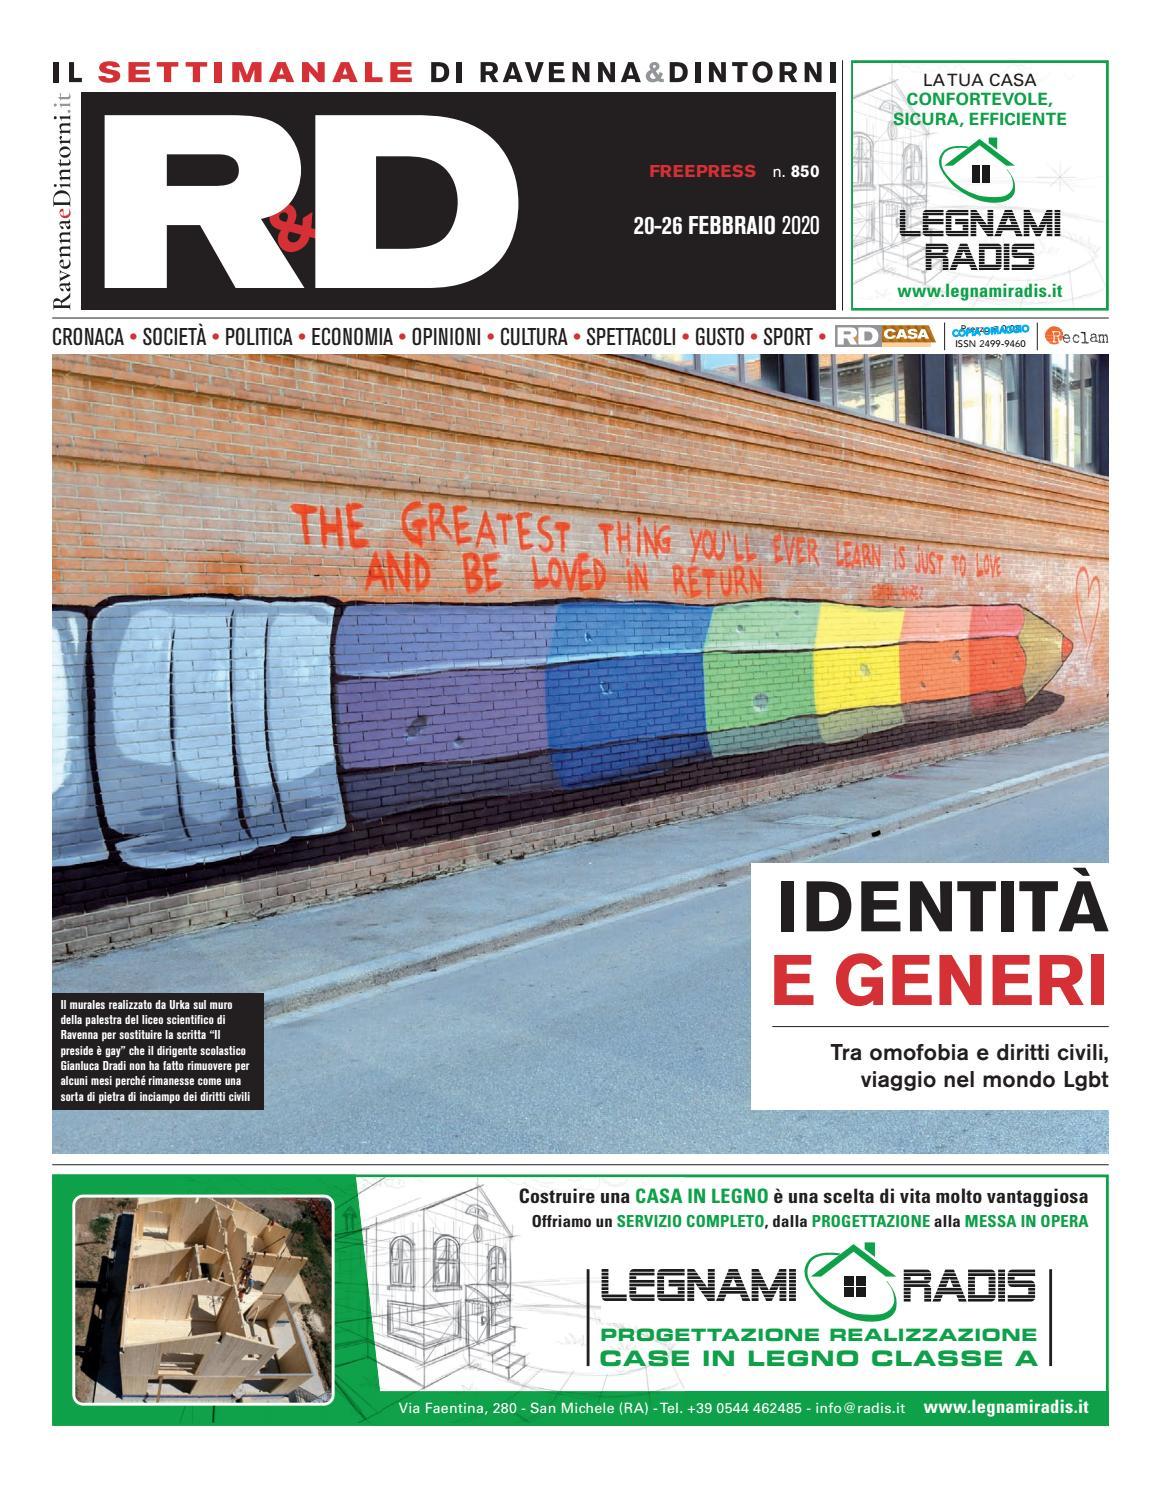 Porte Blindate Piacentini Recensioni r&d 20 02 2020 by reclam edizioni e comunicazione - issuu